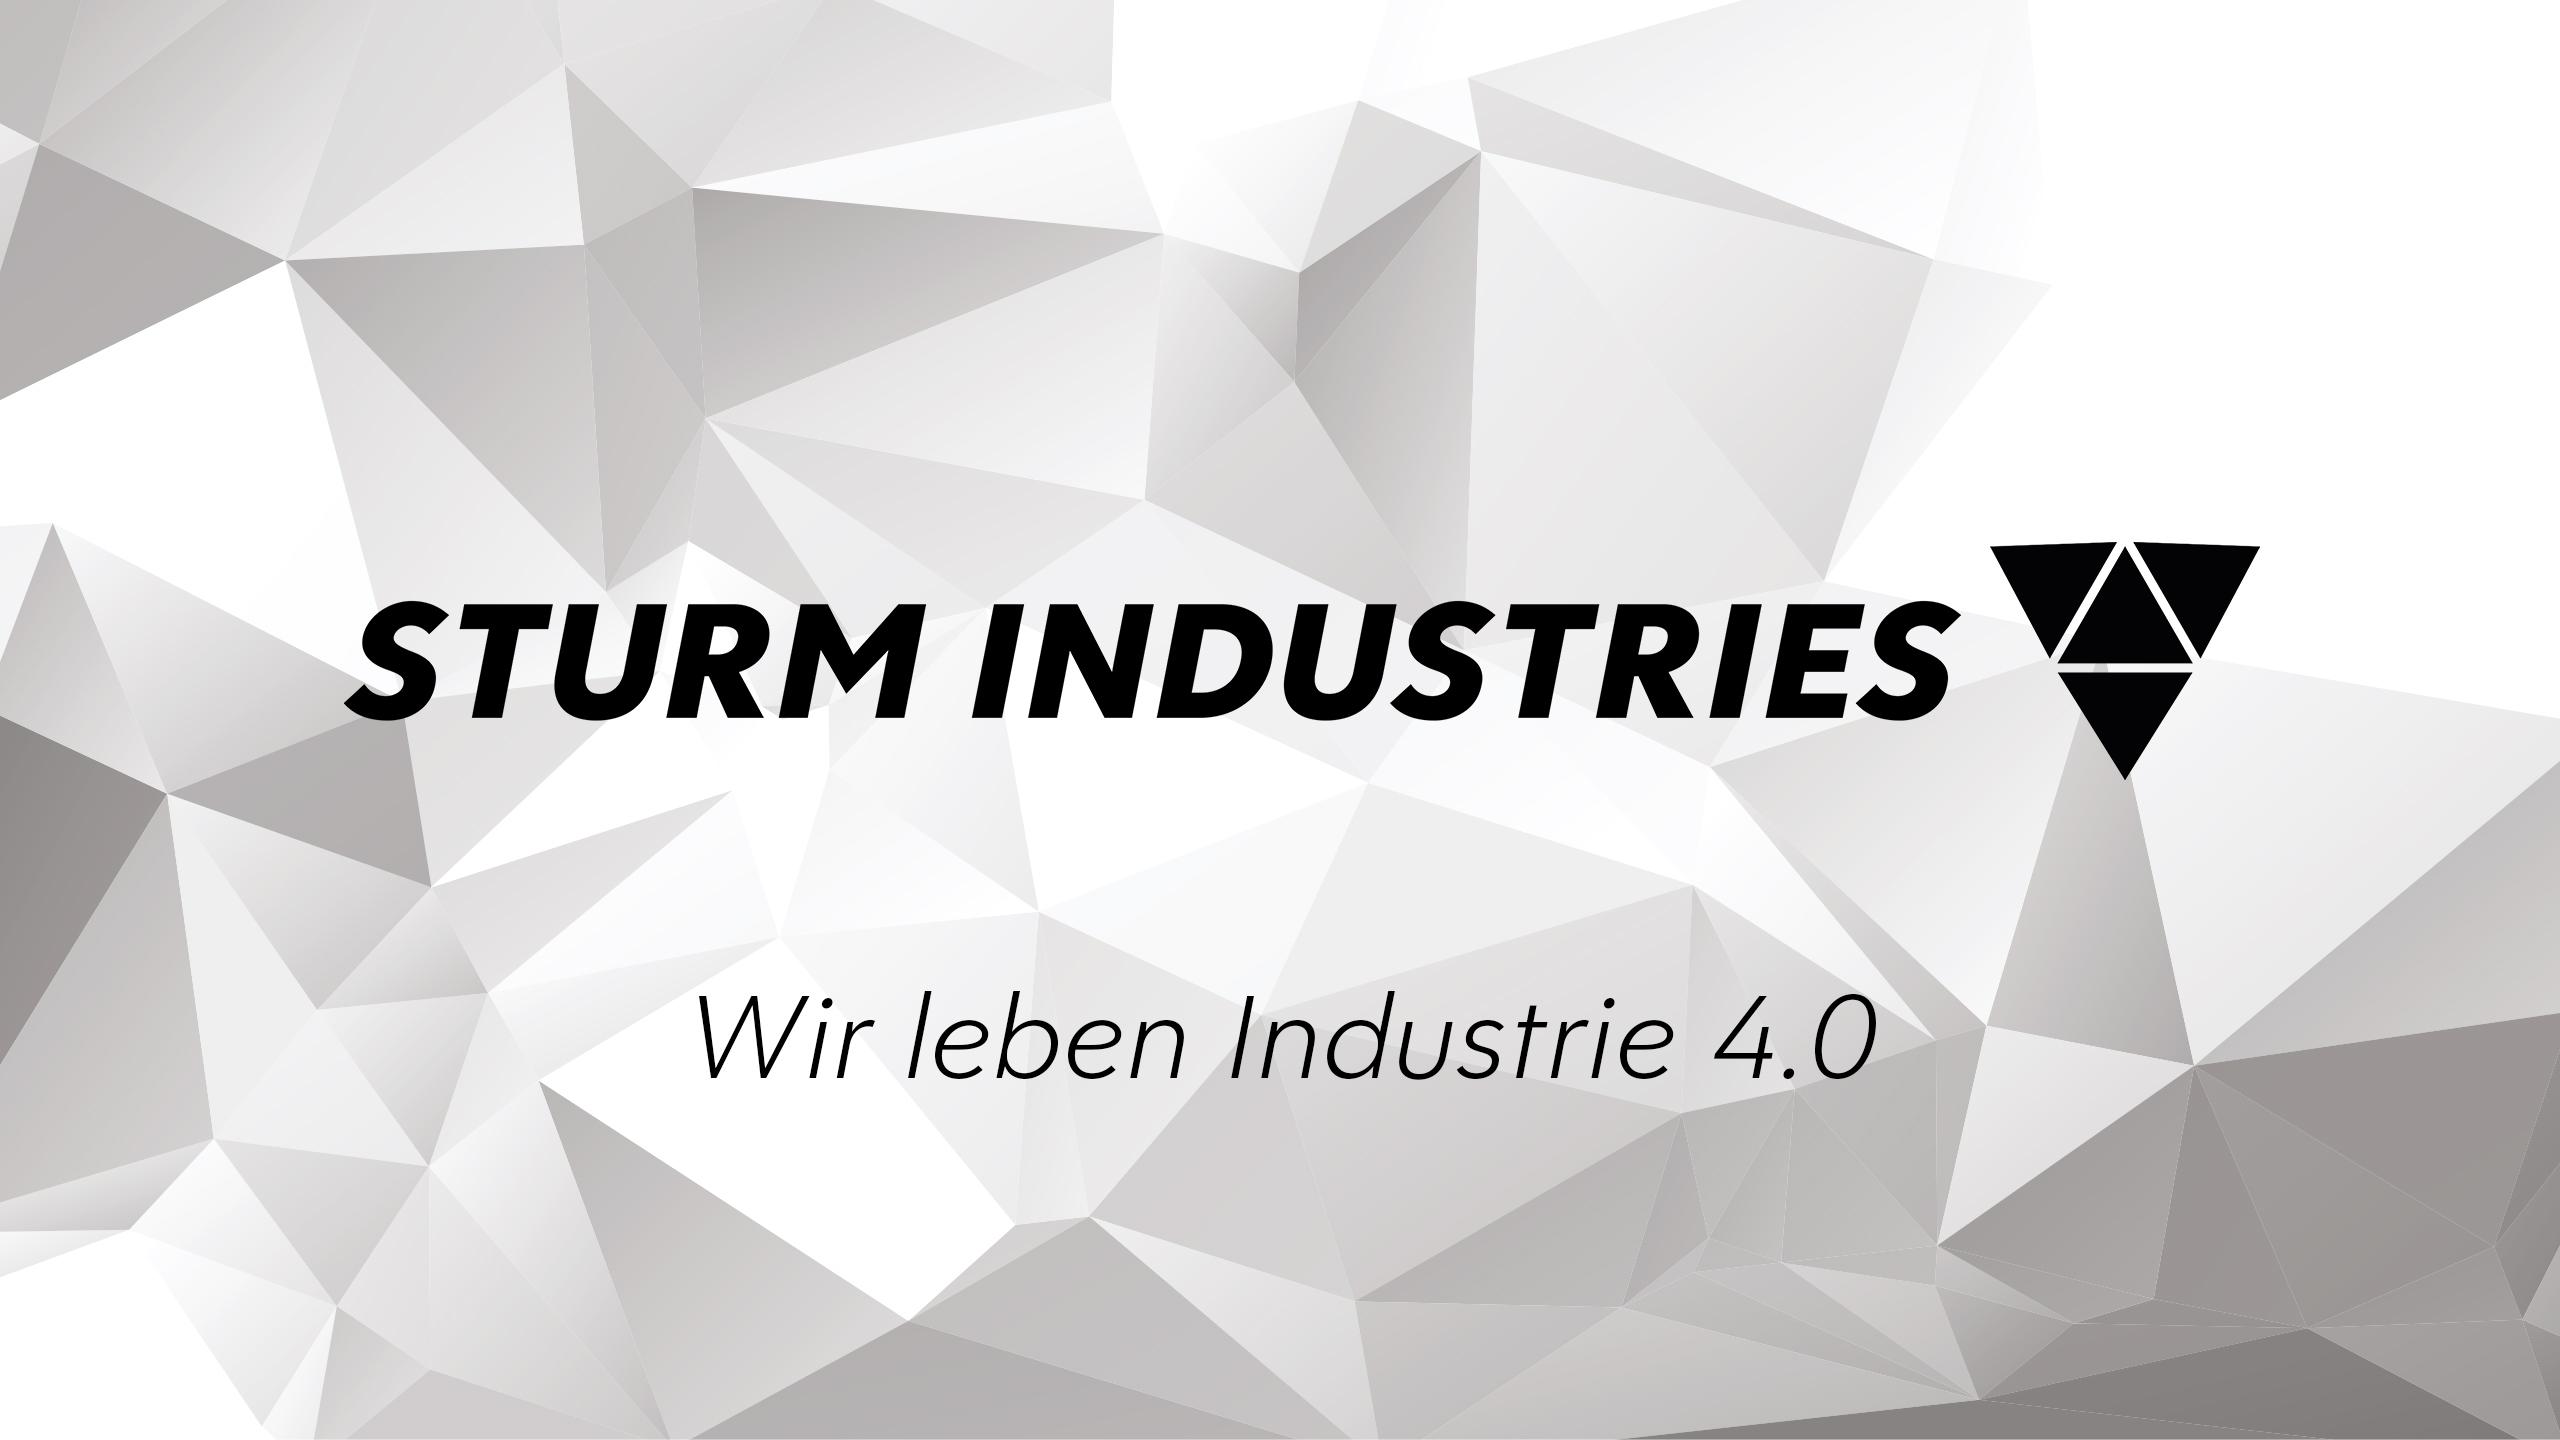 STURM INDUSTRIES (Sturm GmbH)